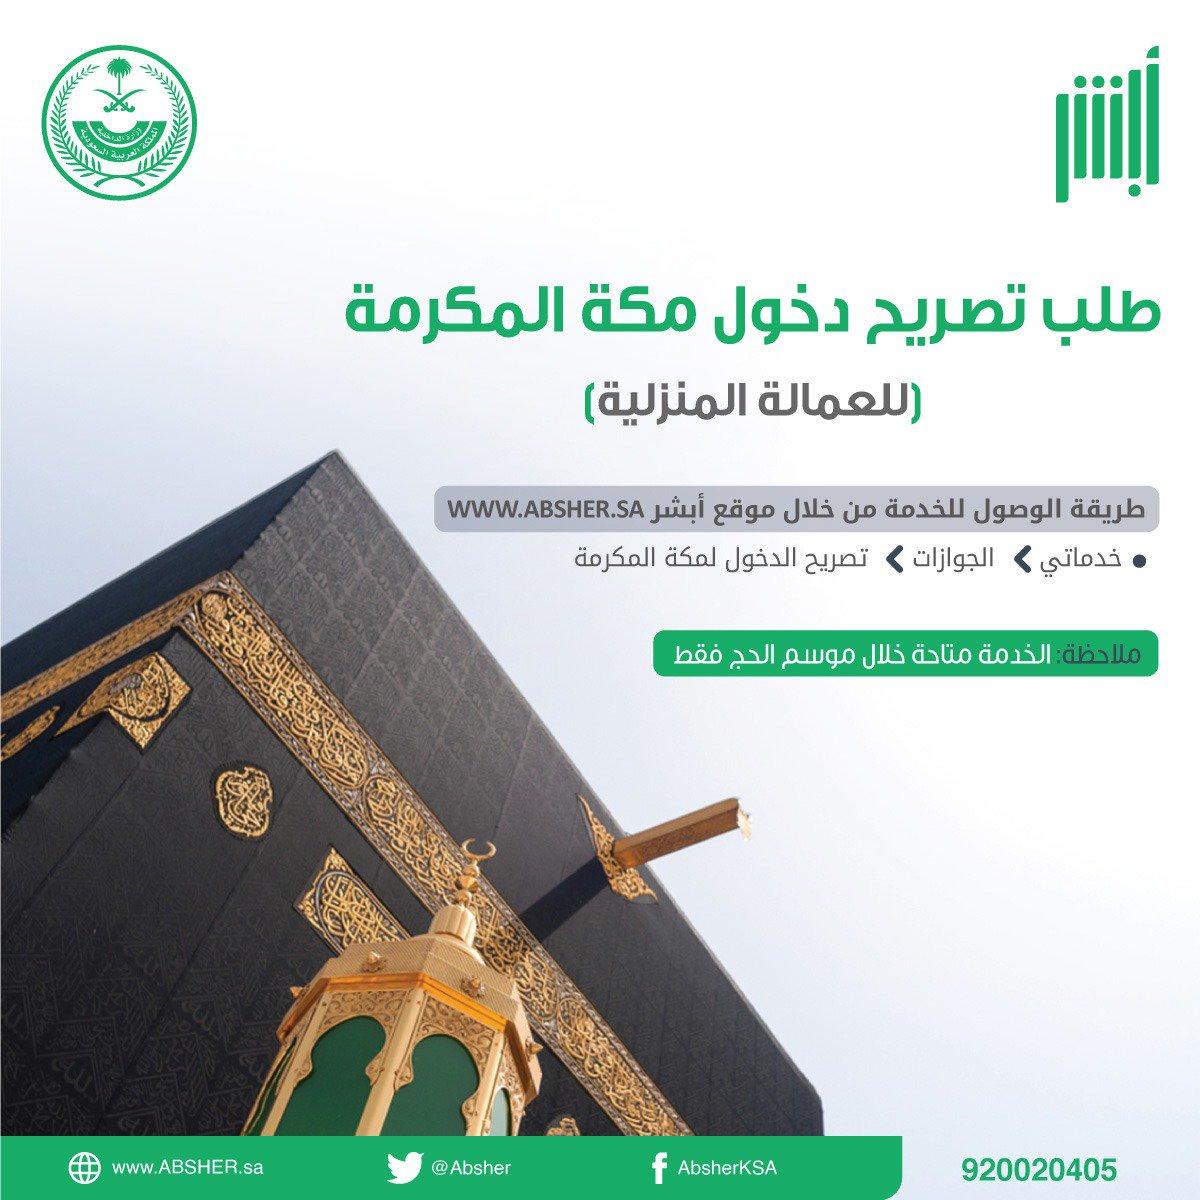 بالتفصيل كيف تستخرج تصريح دخول مكة المكرمة من بوابة علم